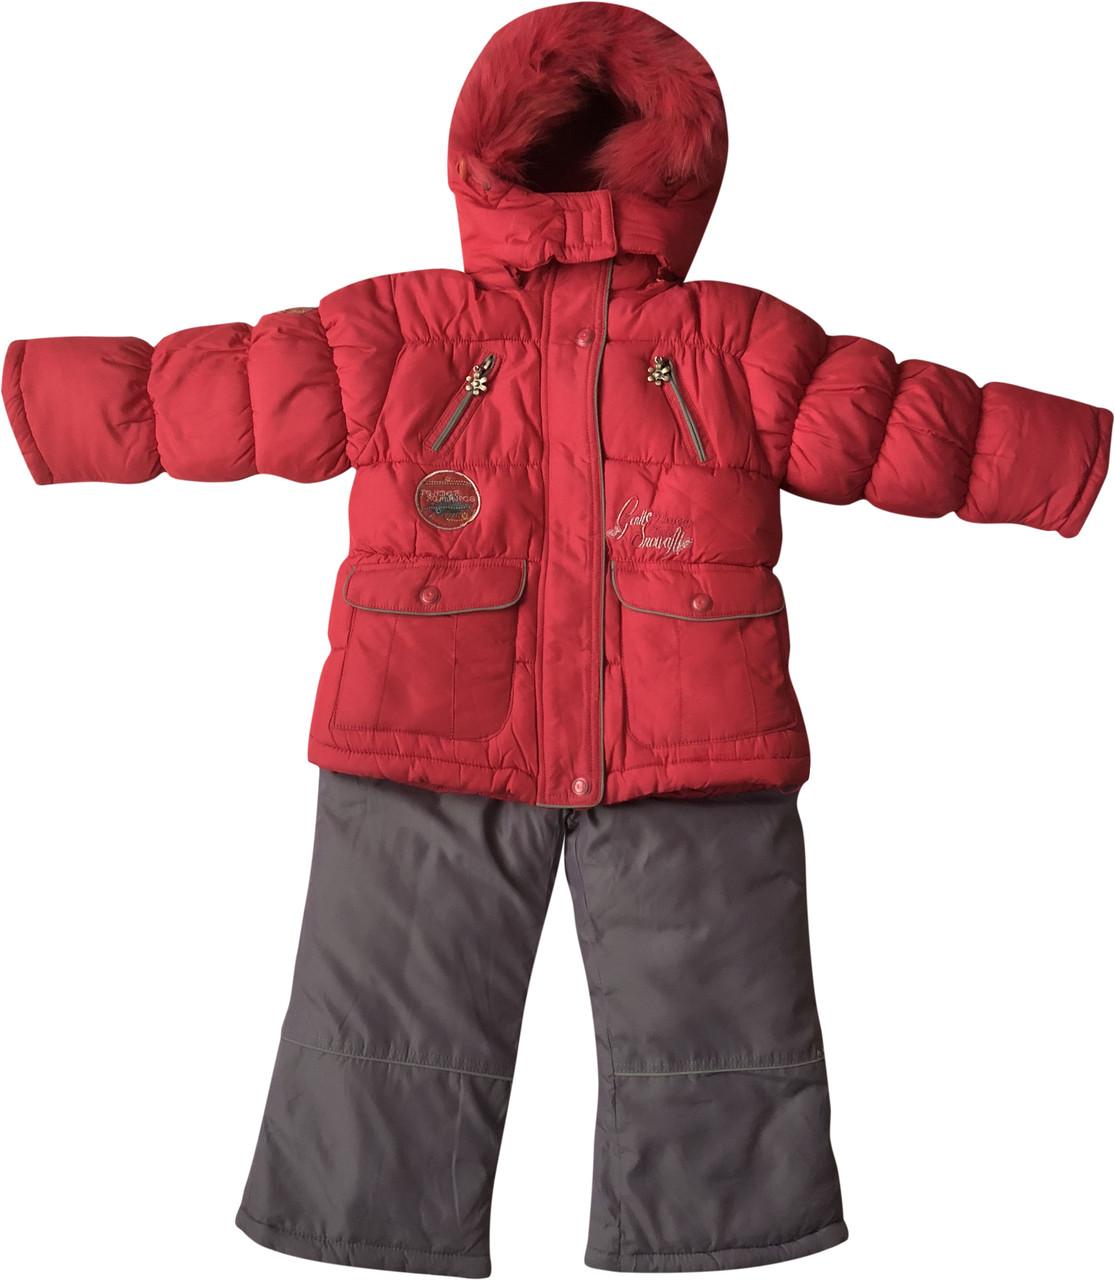 Зимовий комбінезон на дівчинку ріст 92 1,5-2 роки для малюків дітей дитячий роздільний холлофайбер червоний